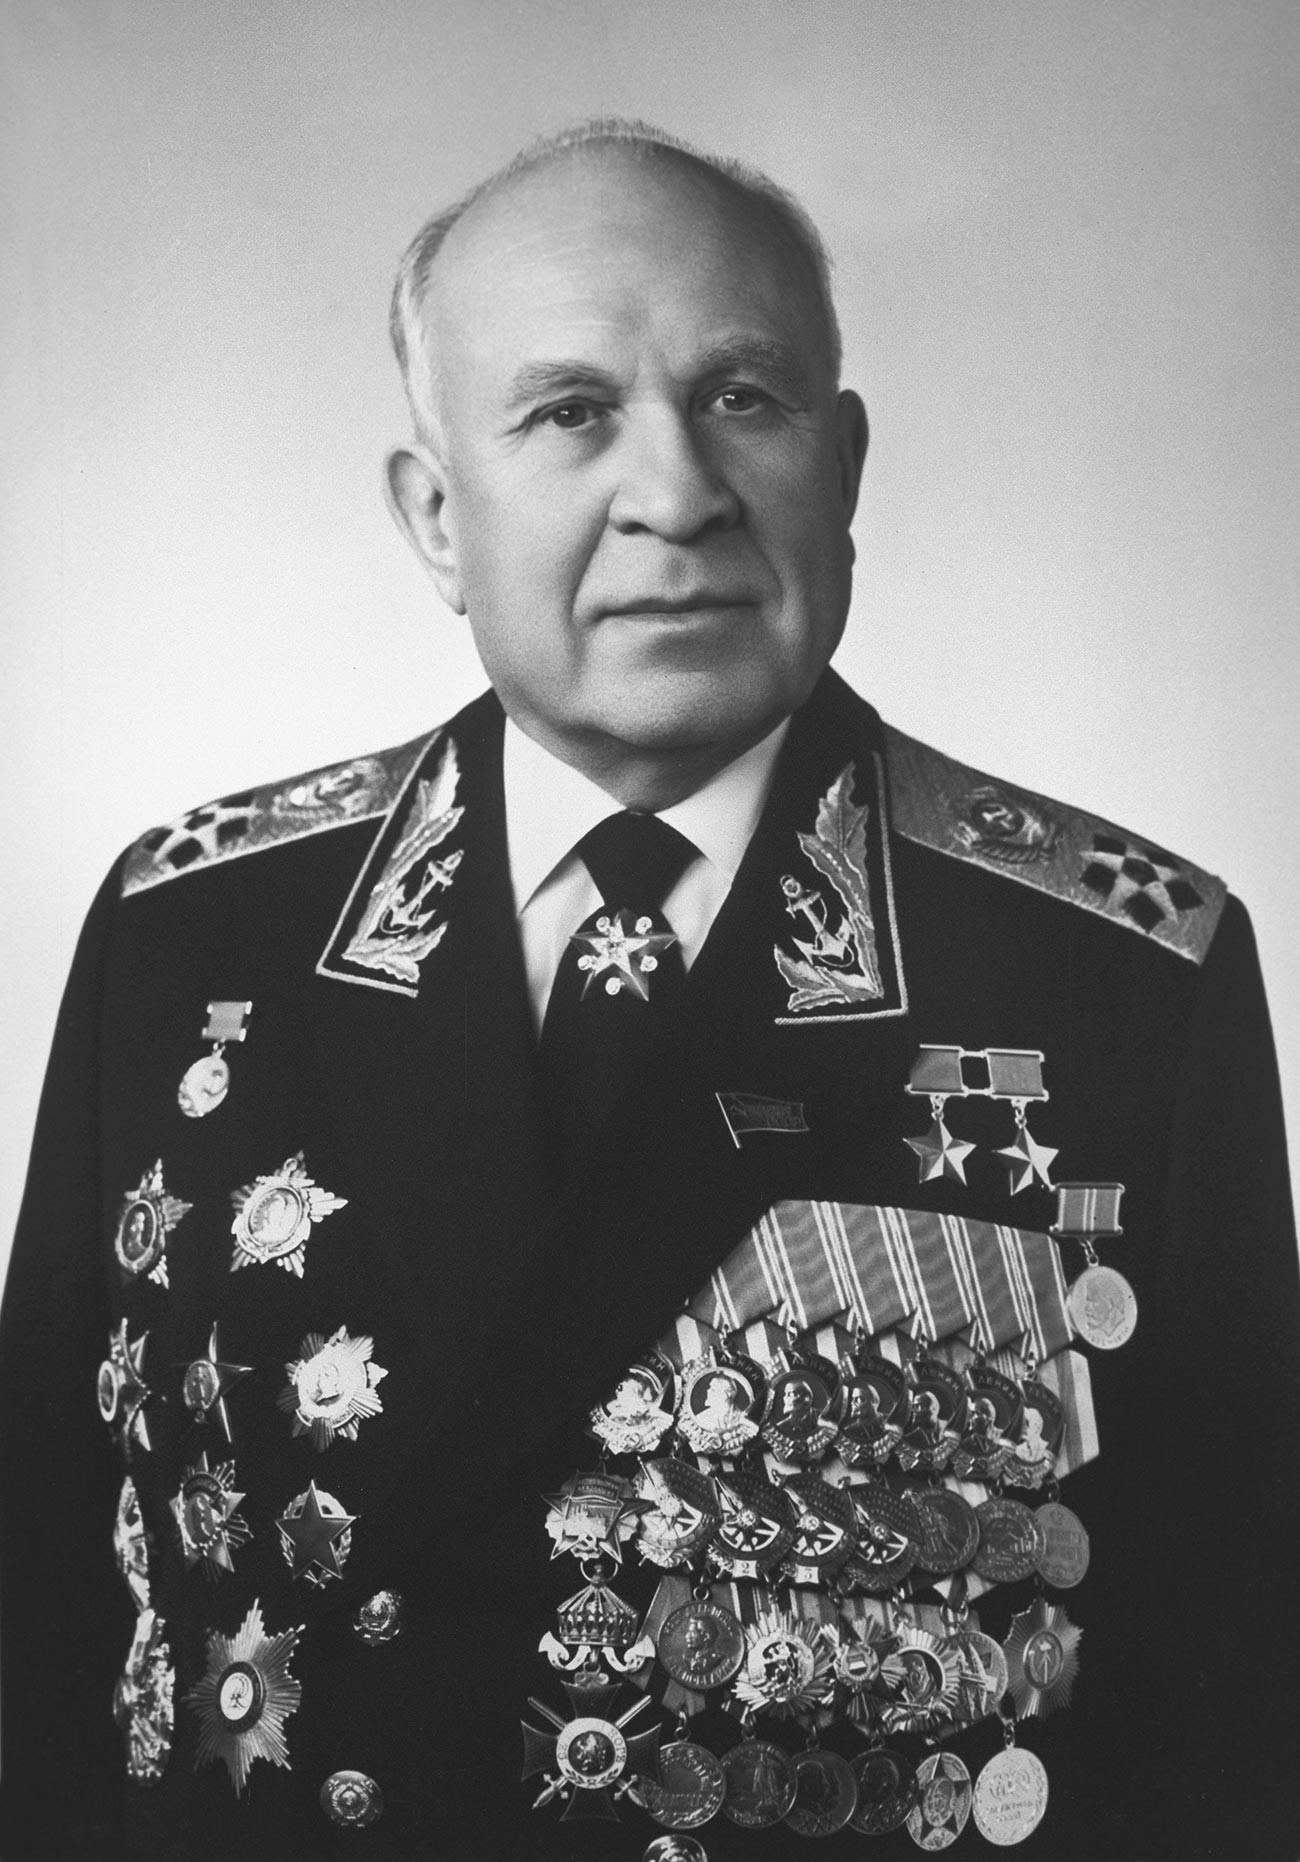 Admiral flote Sovjetskog Saveza, dvostruki Heroj Sovjetskog Saveza Sergej Georgijevič Gorškov.